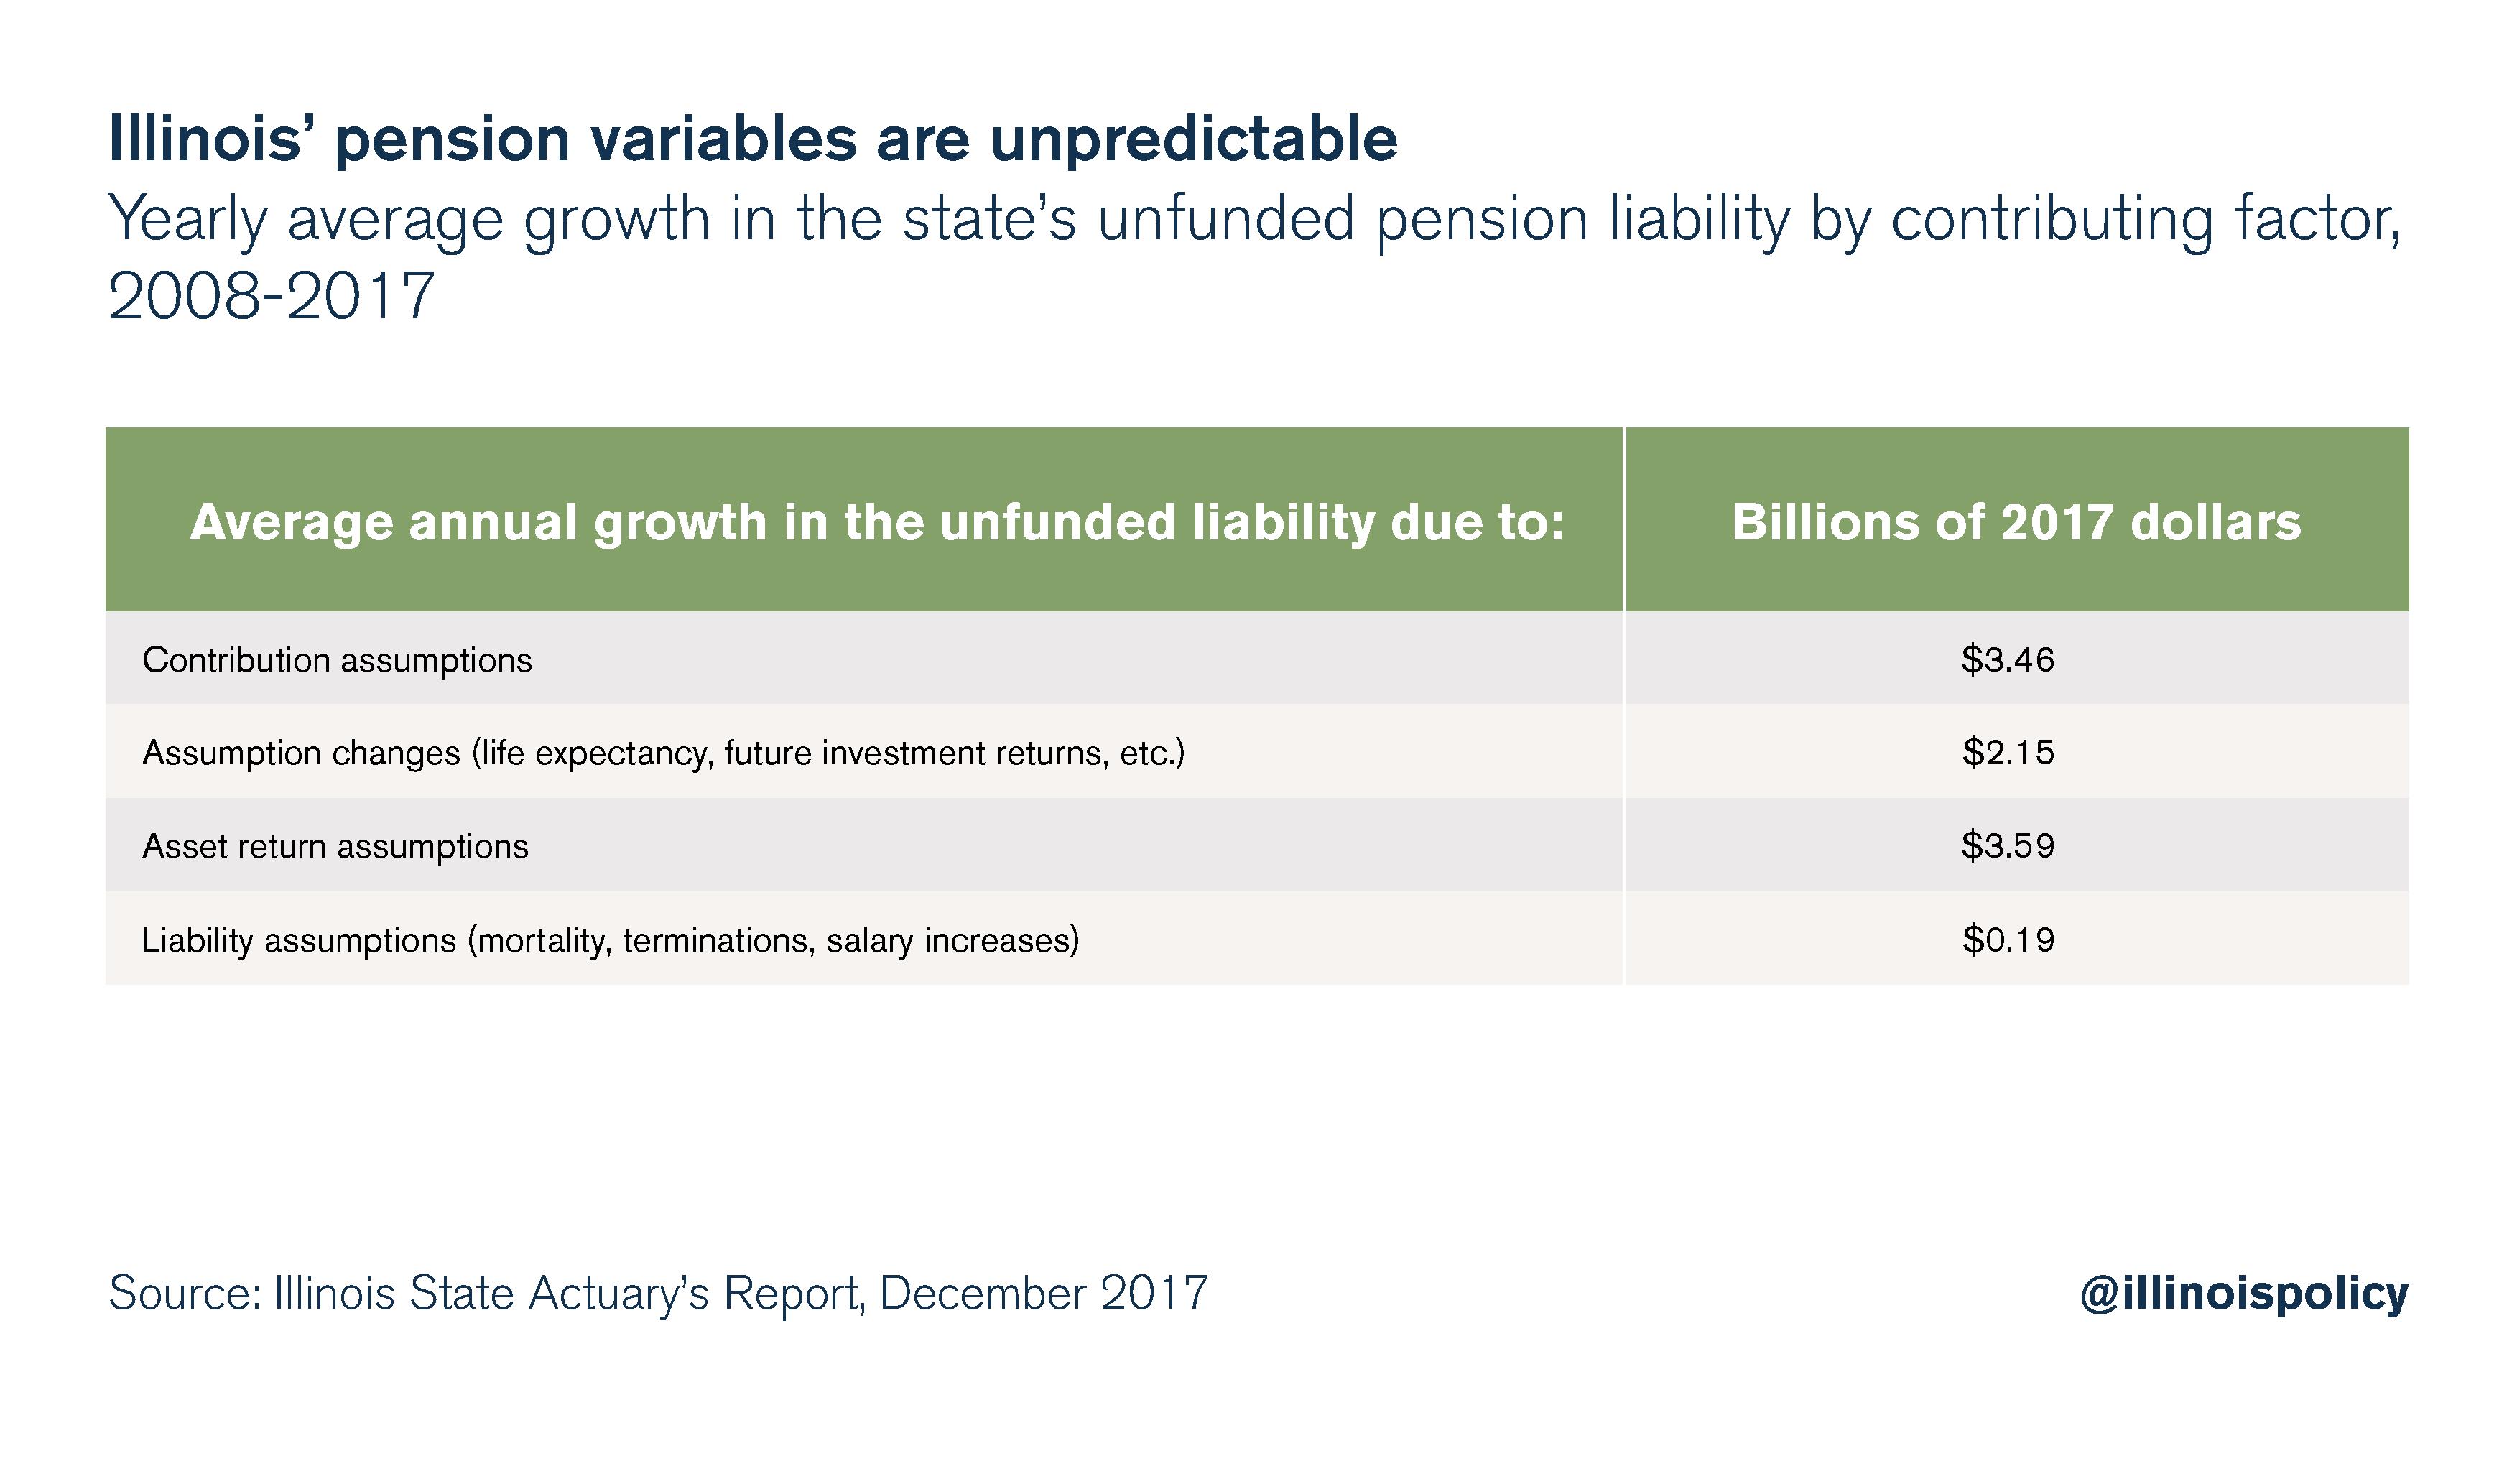 Illinois' pension variables are unpredictable